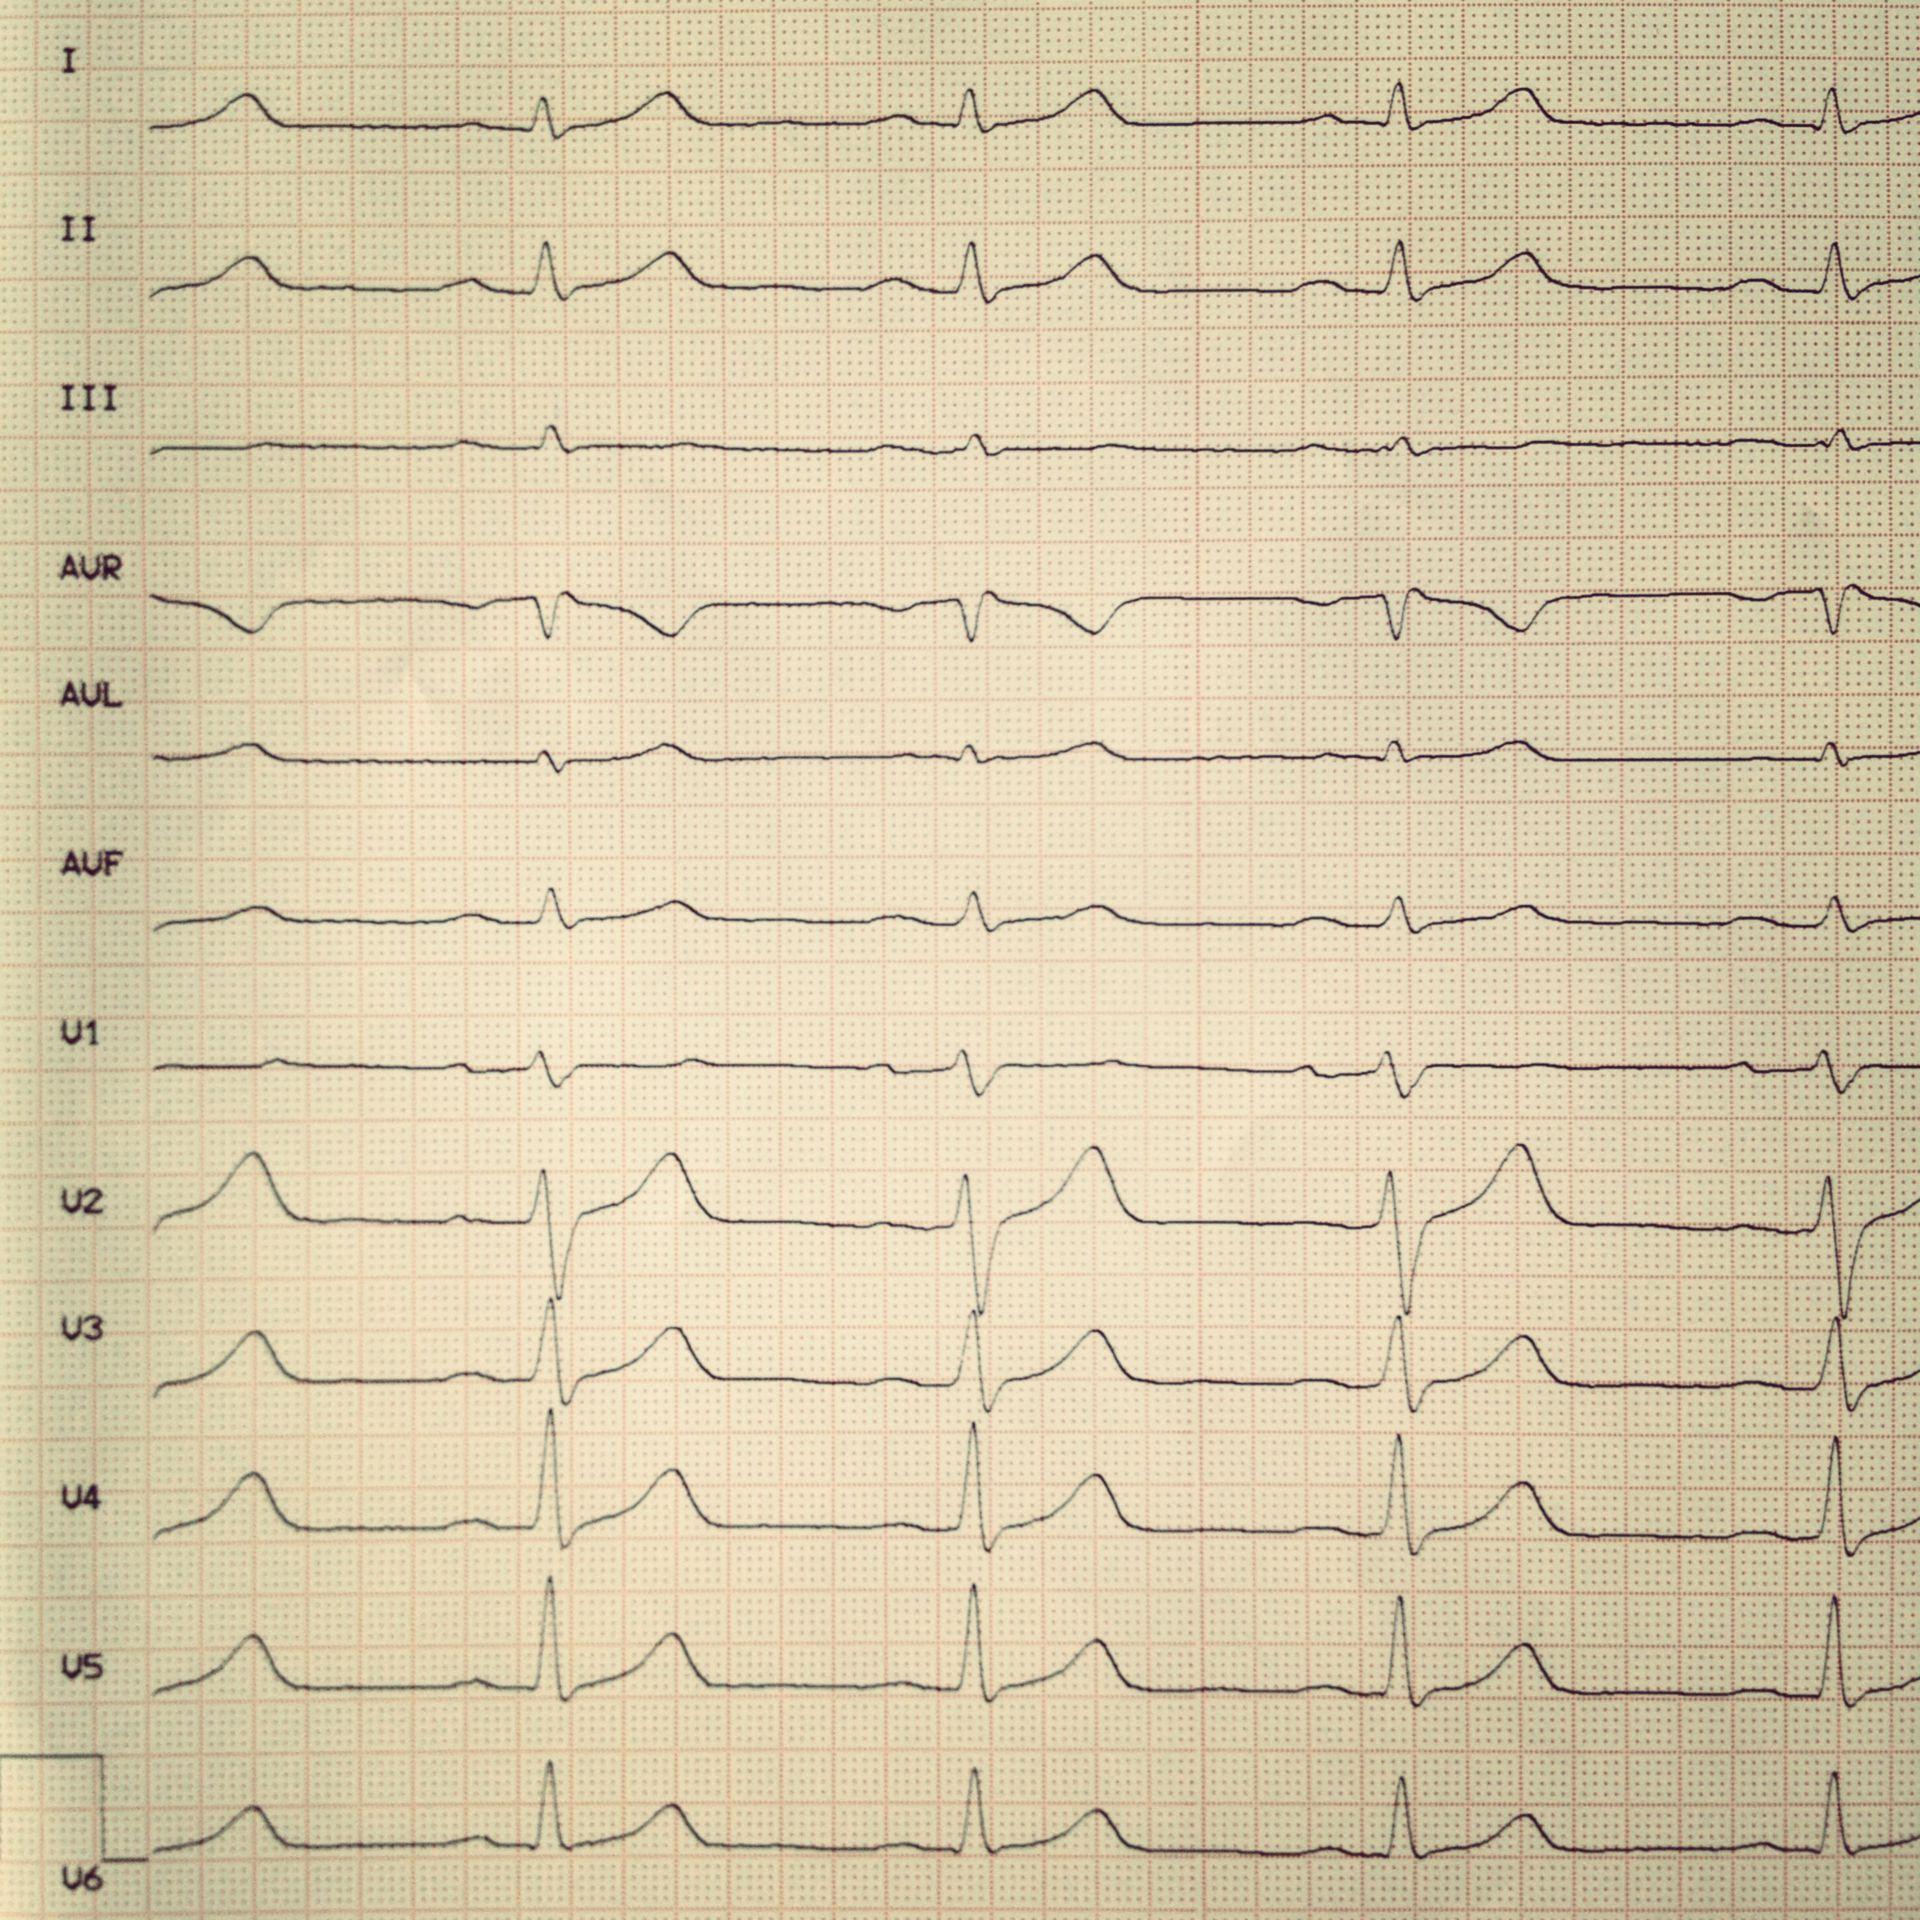 EKG 2b